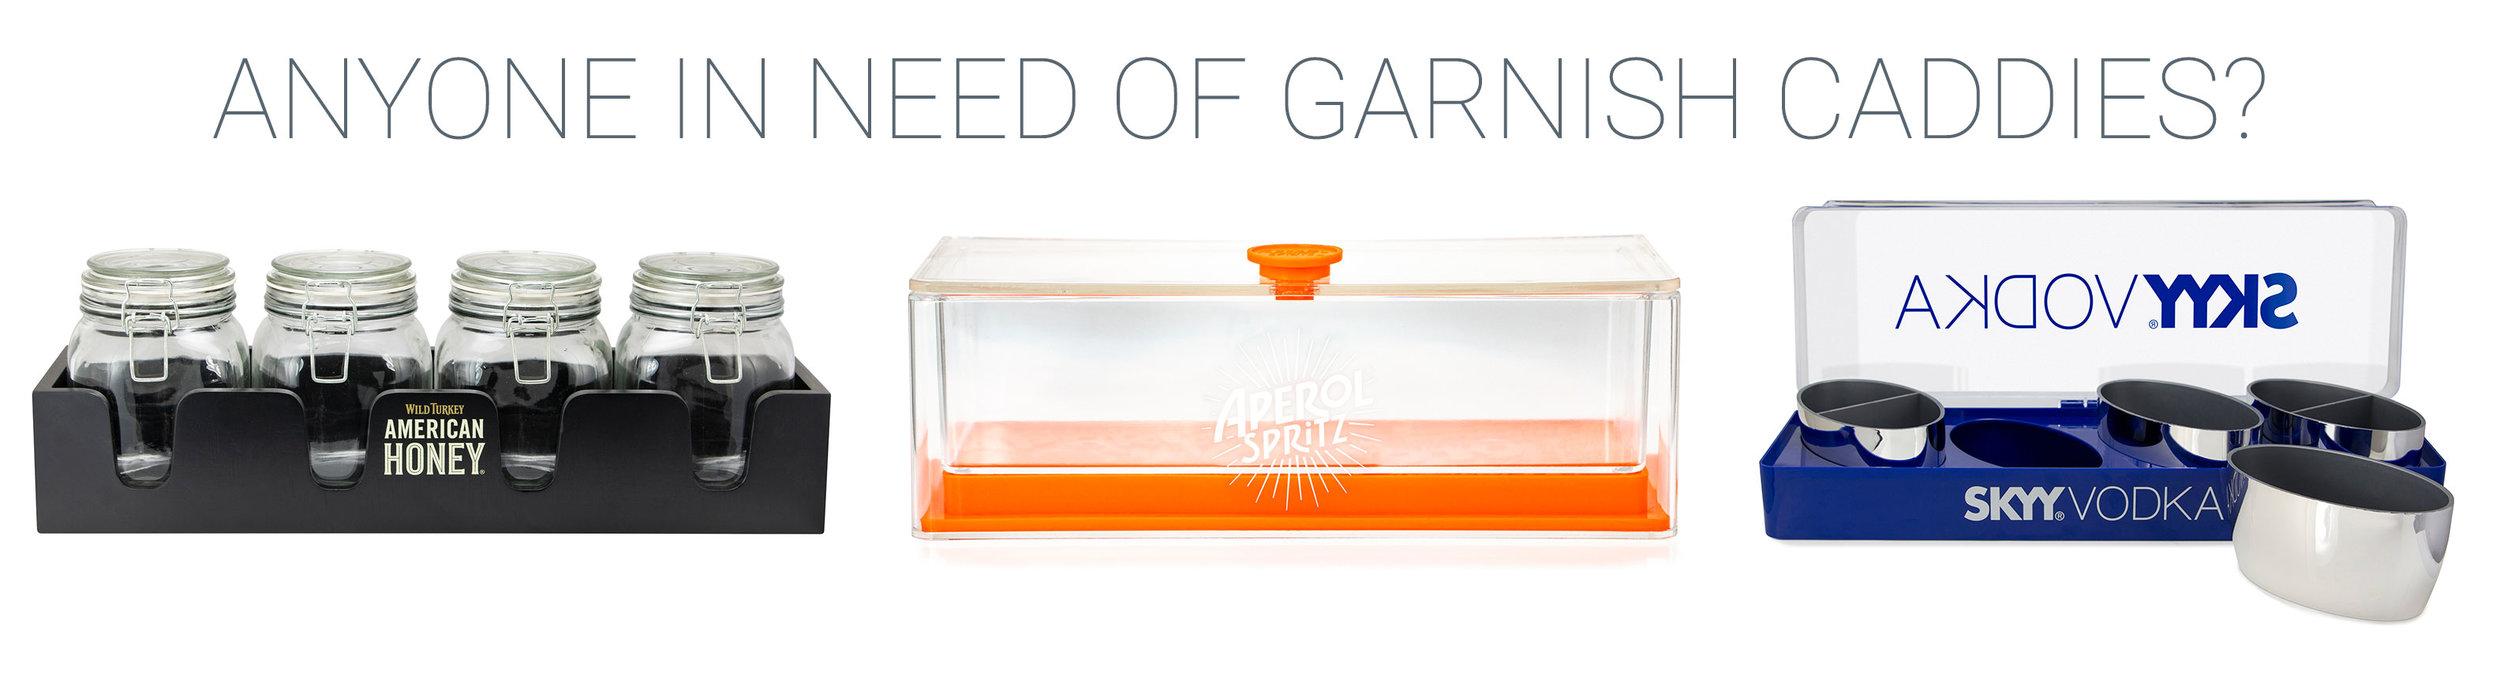 Garnish-Caddies.jpg